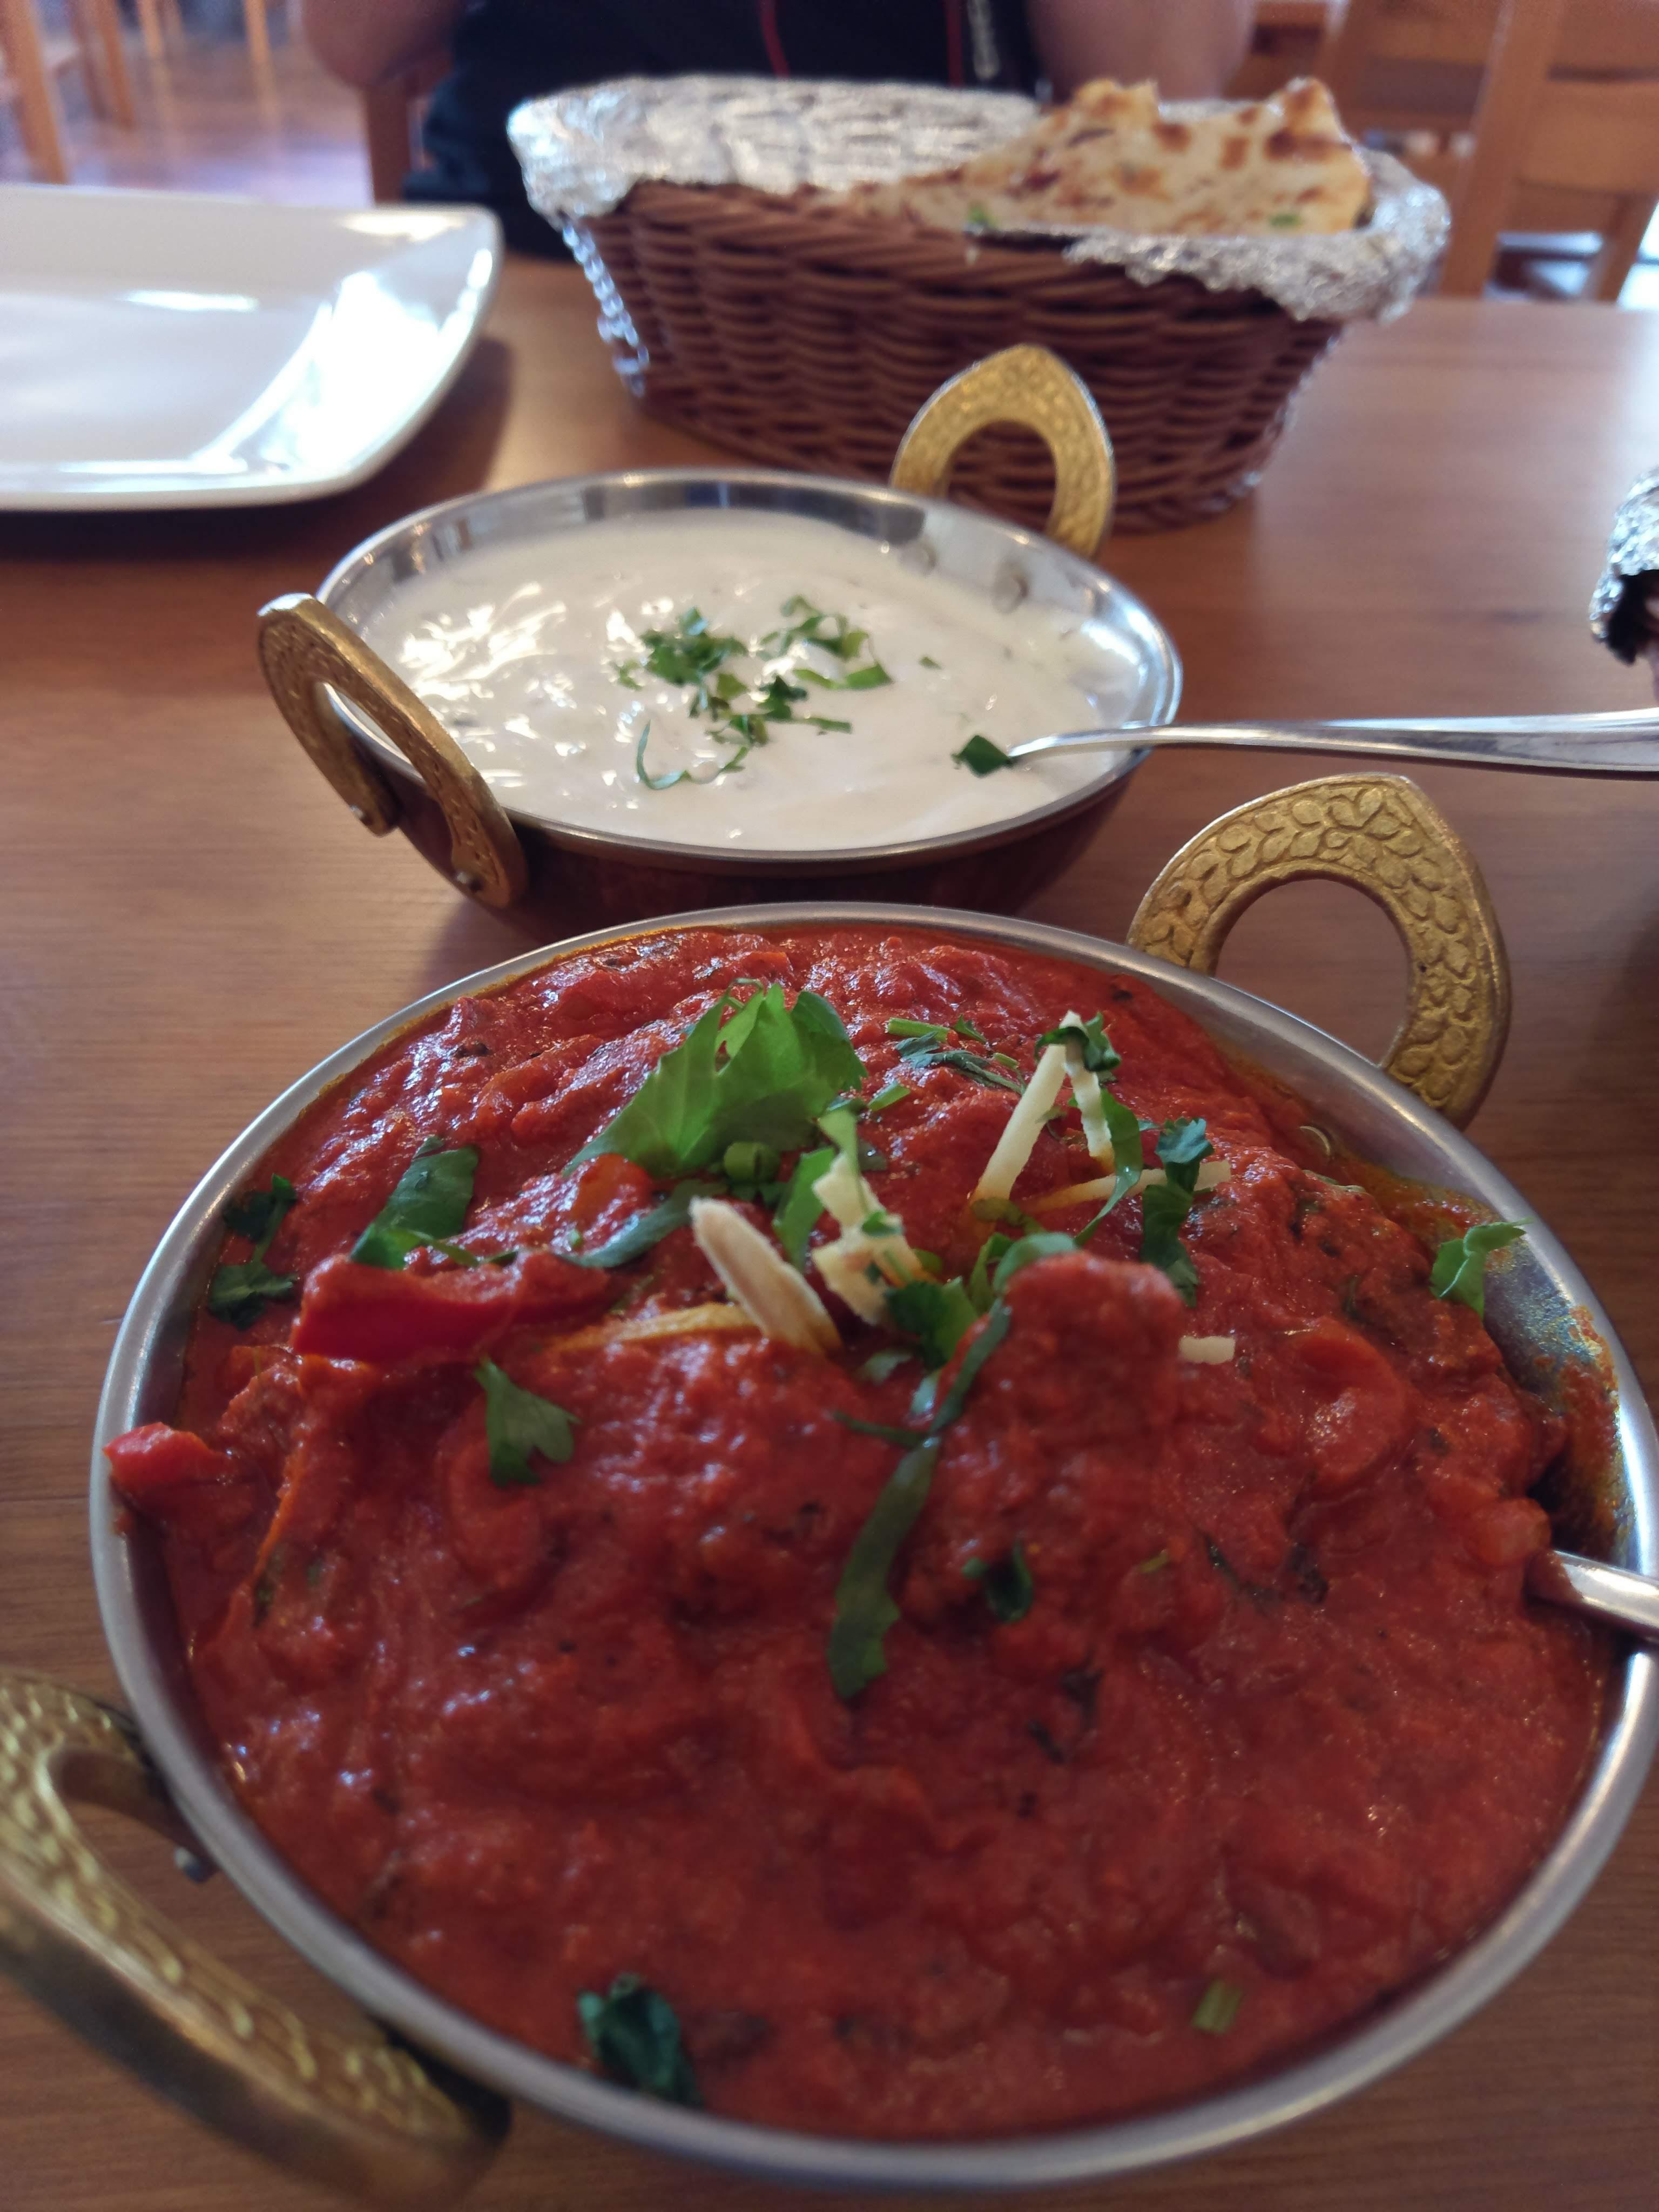 Hindus Czyli Indyjska Restauracja Na Bialolece Dziendobrywarszawo Pl